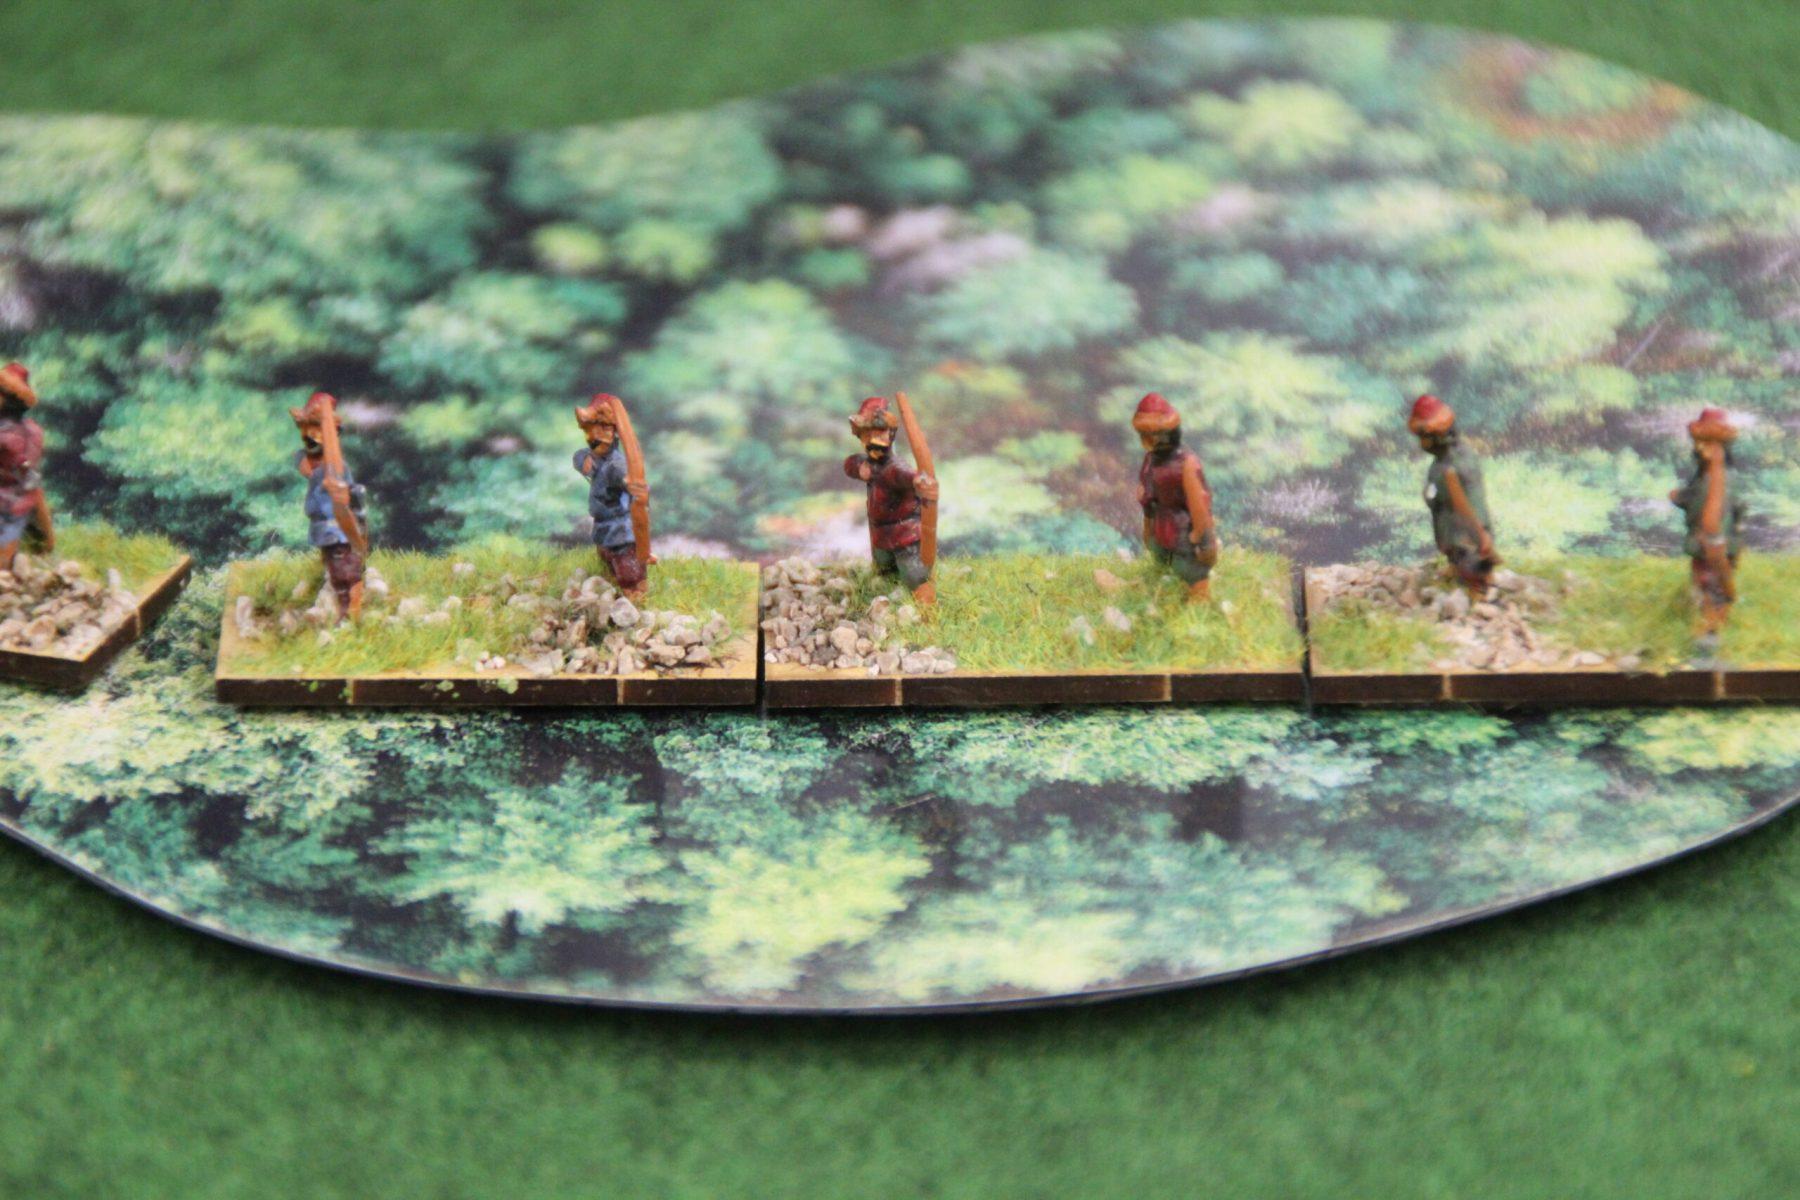 Psi-loi Huns embusqués dans une forêt.